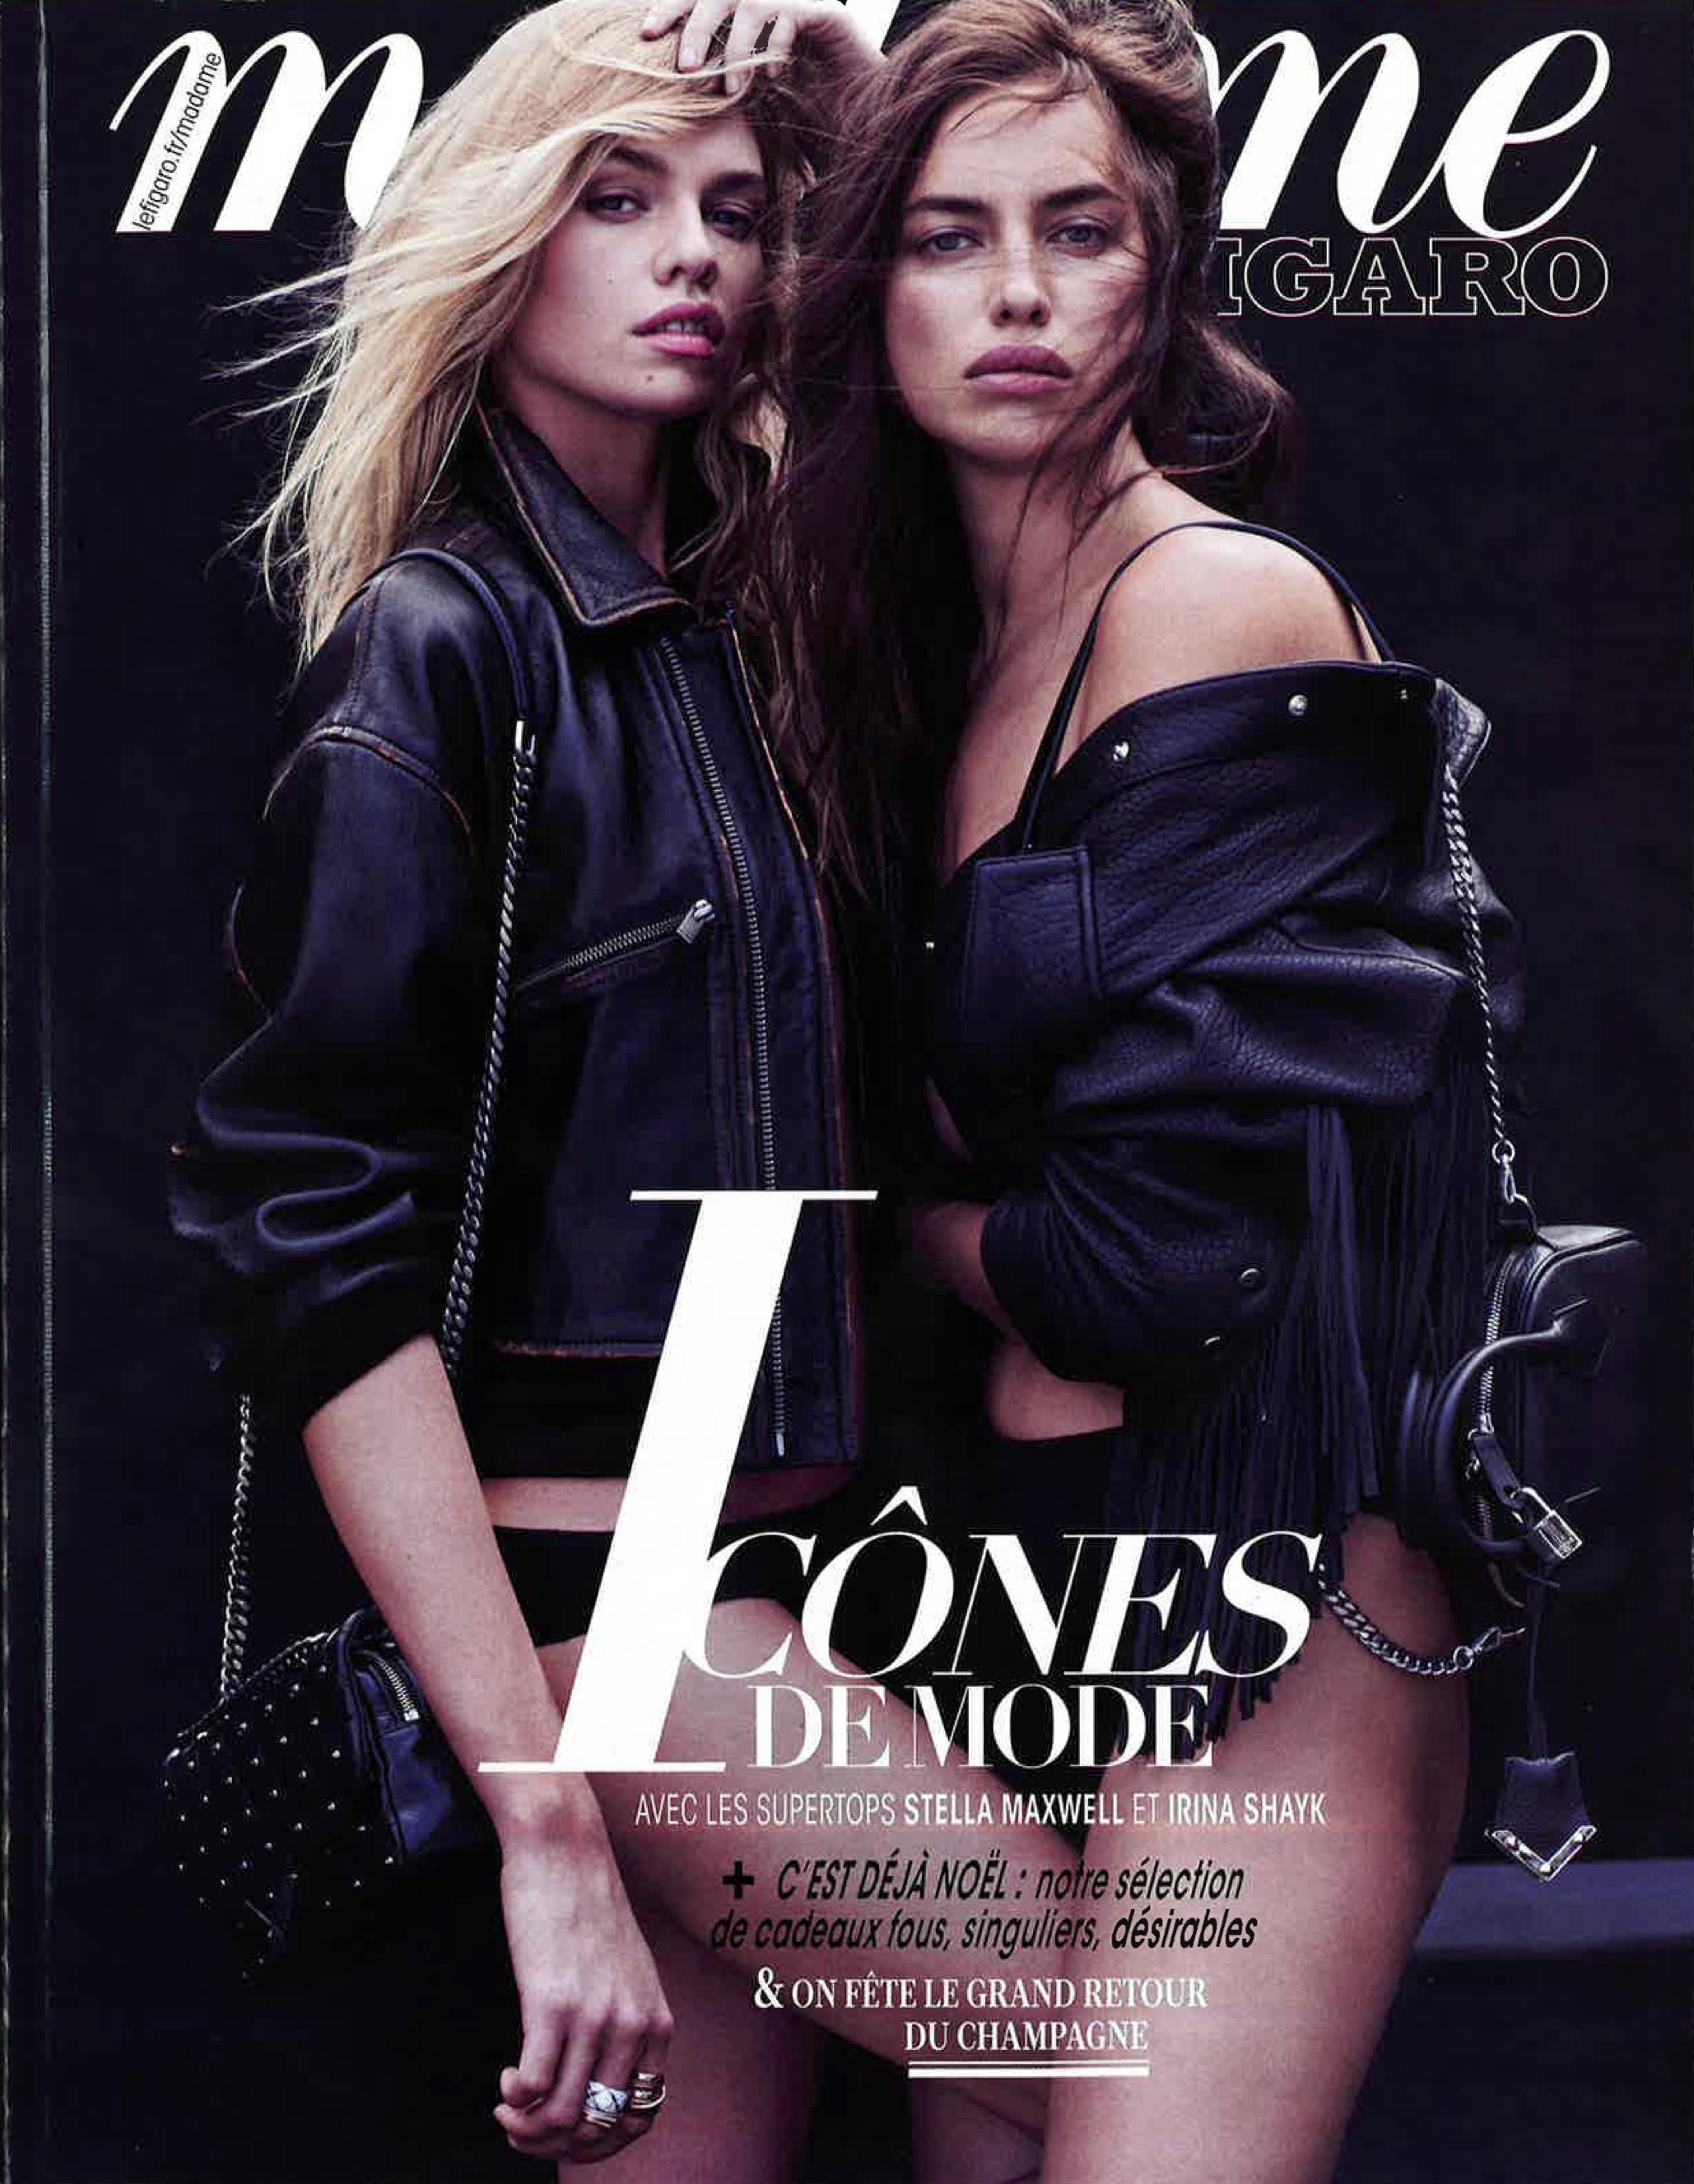 Madame Figaro November 2018 cover.jpg